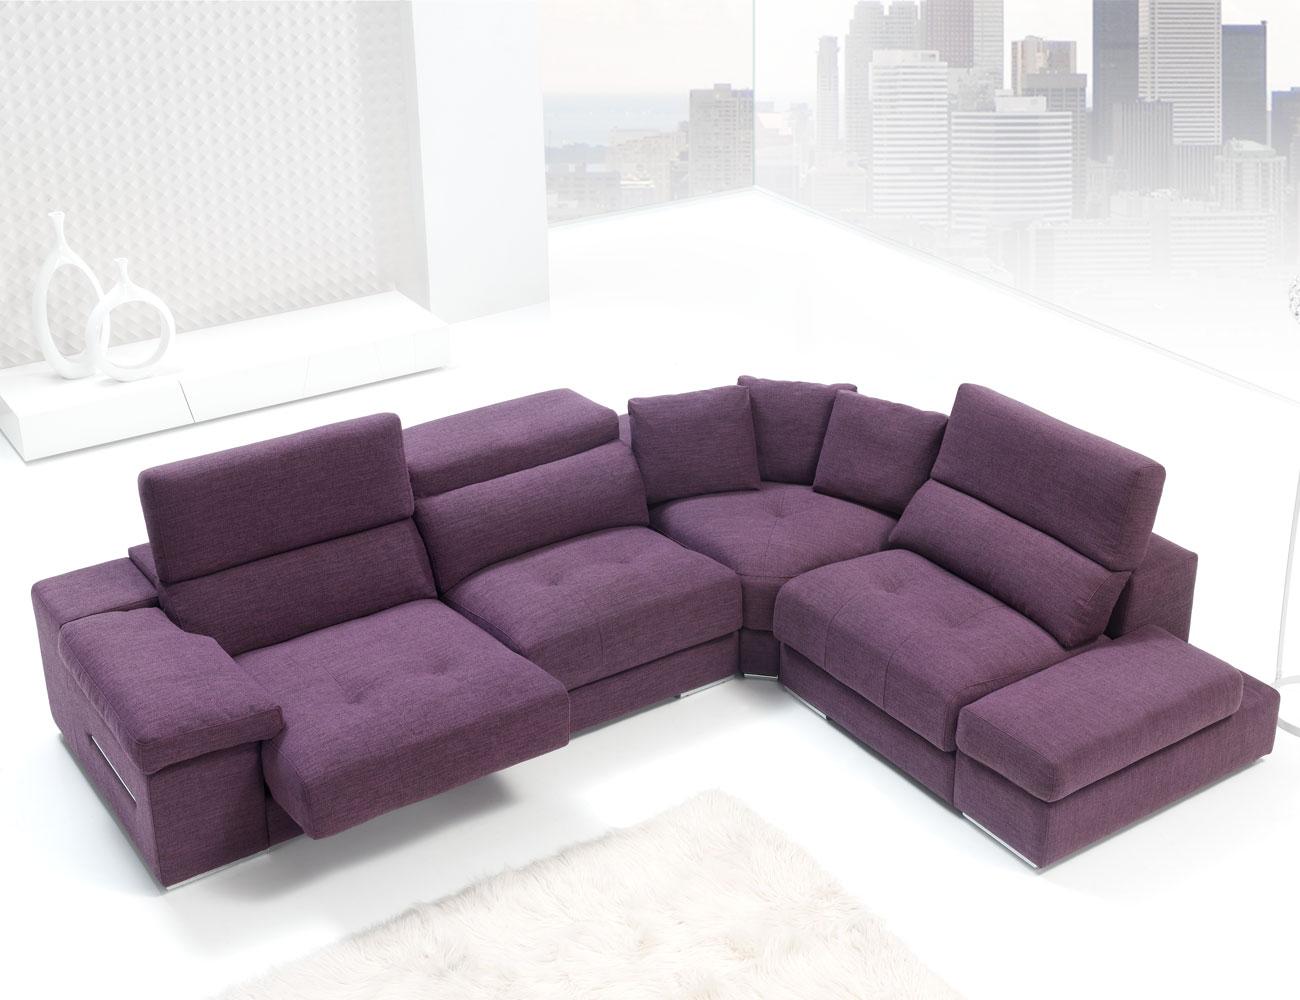 Sofa chaiselongue rincon con brazo mecanico tejido anti manchas 218